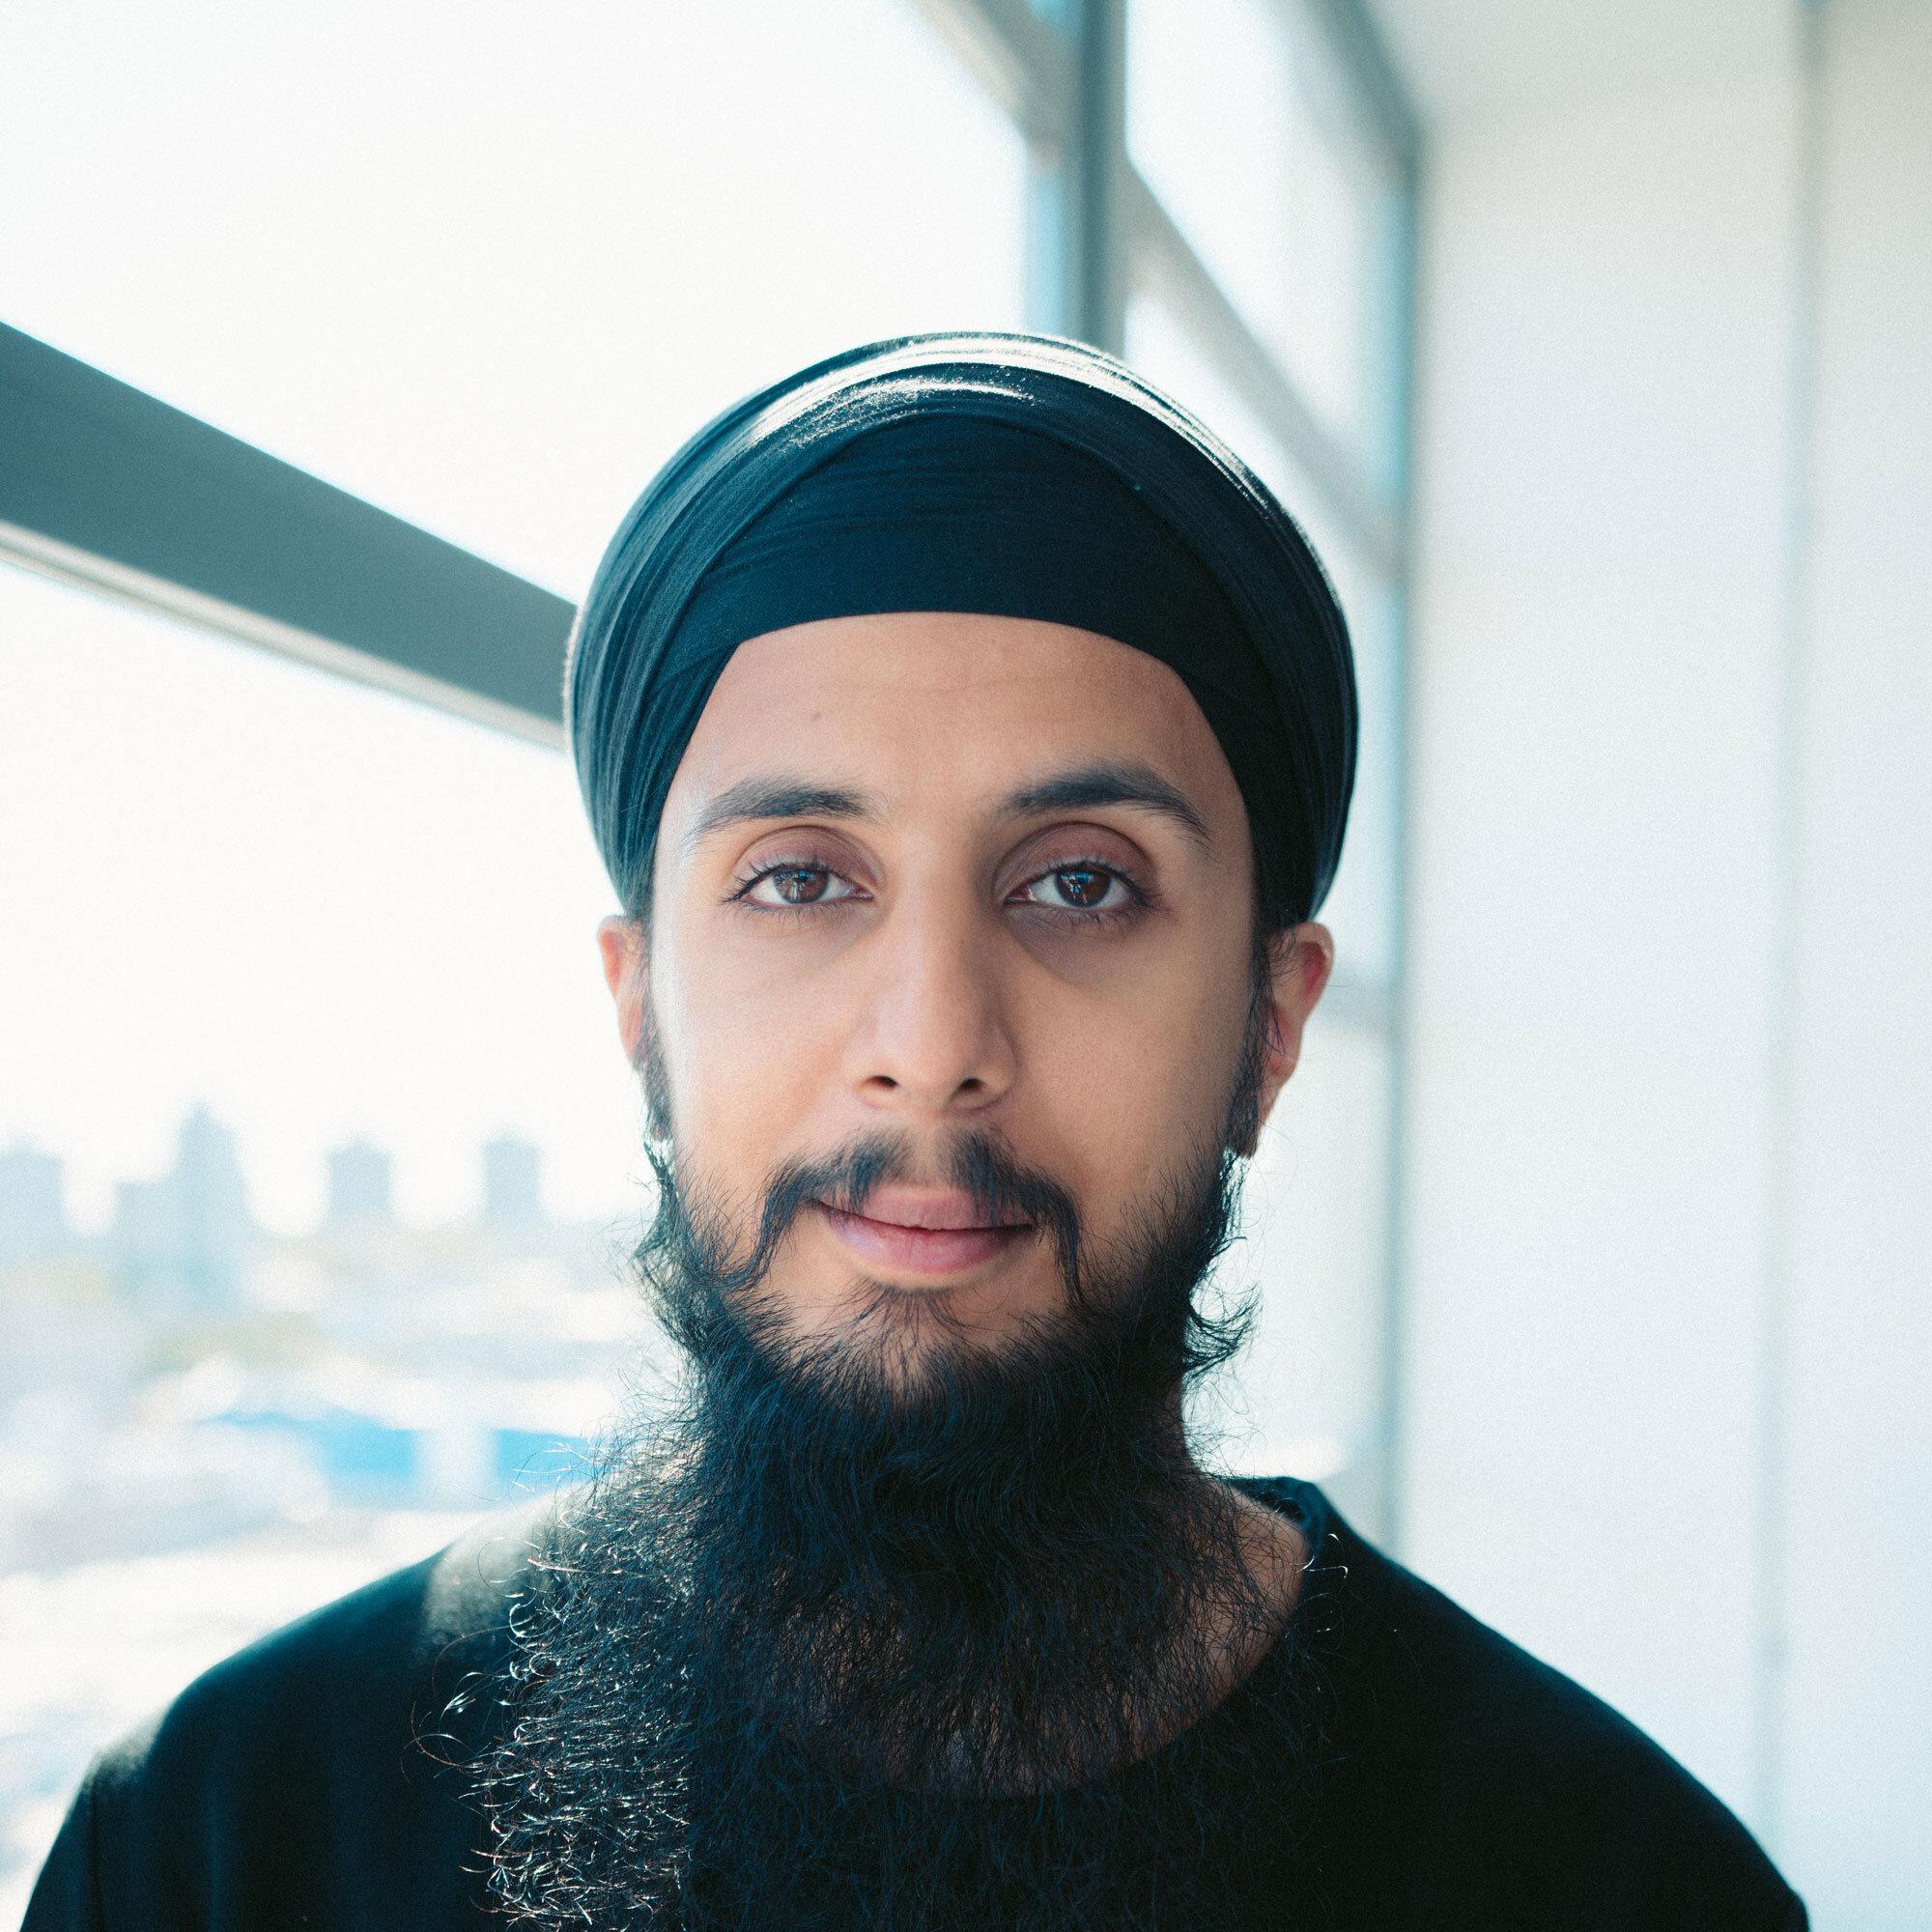 Mansimran Singh